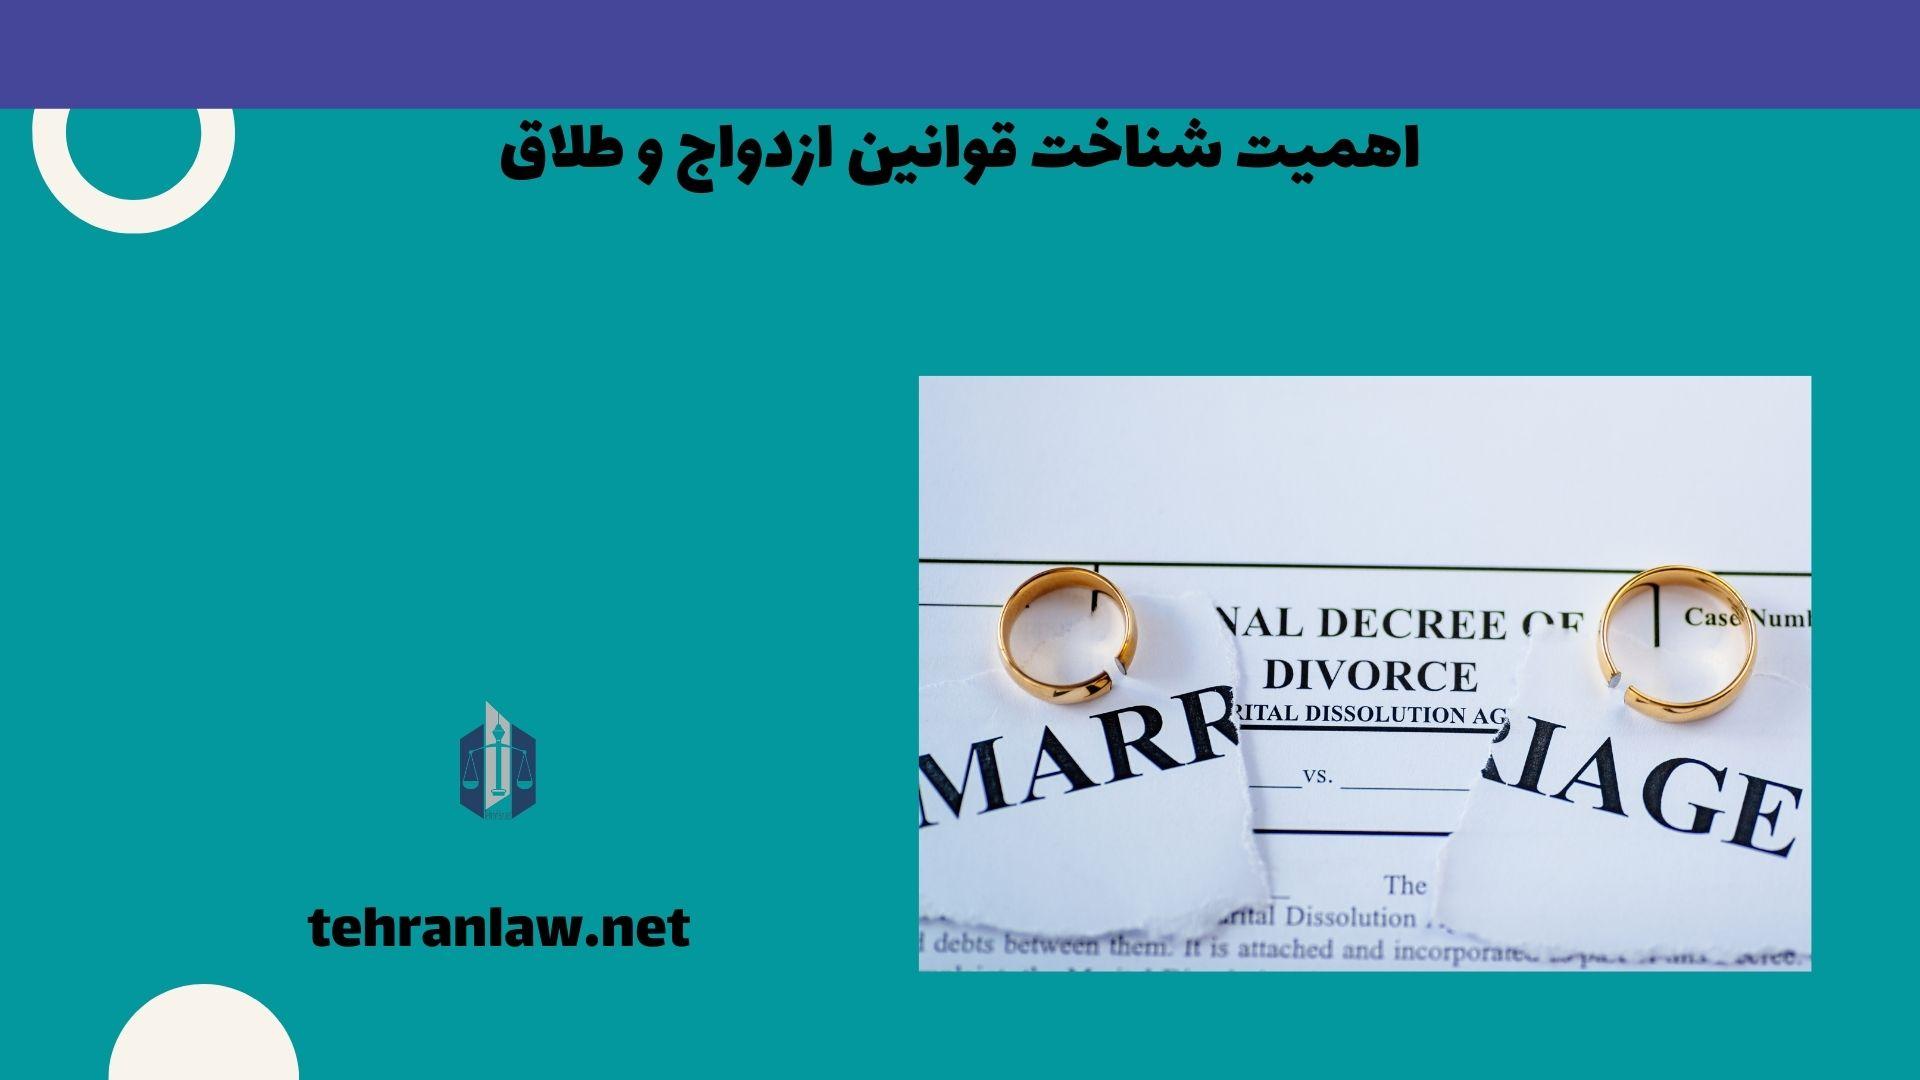 اهمیت شناخت قوانین ازدواج و طلاق